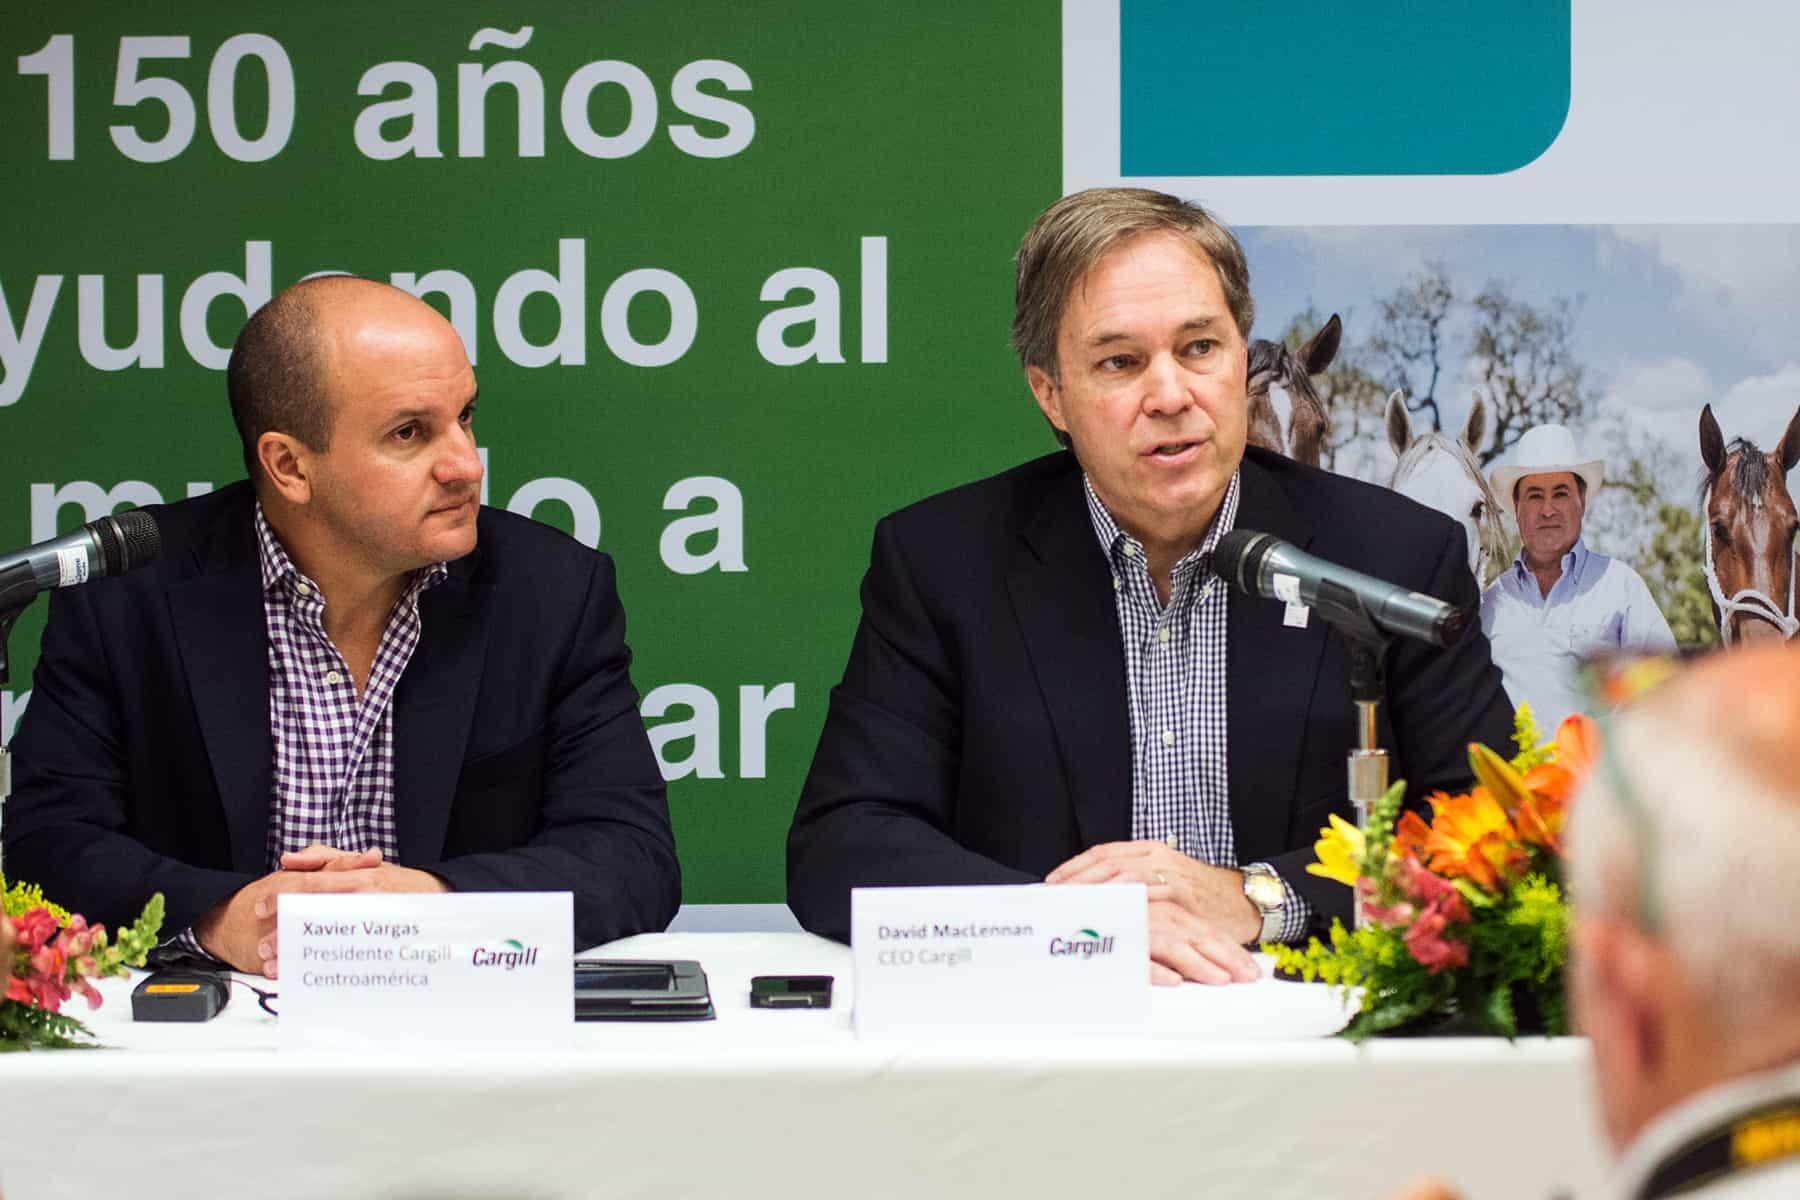 Xavier Vargas, David MacLennan of Cargill